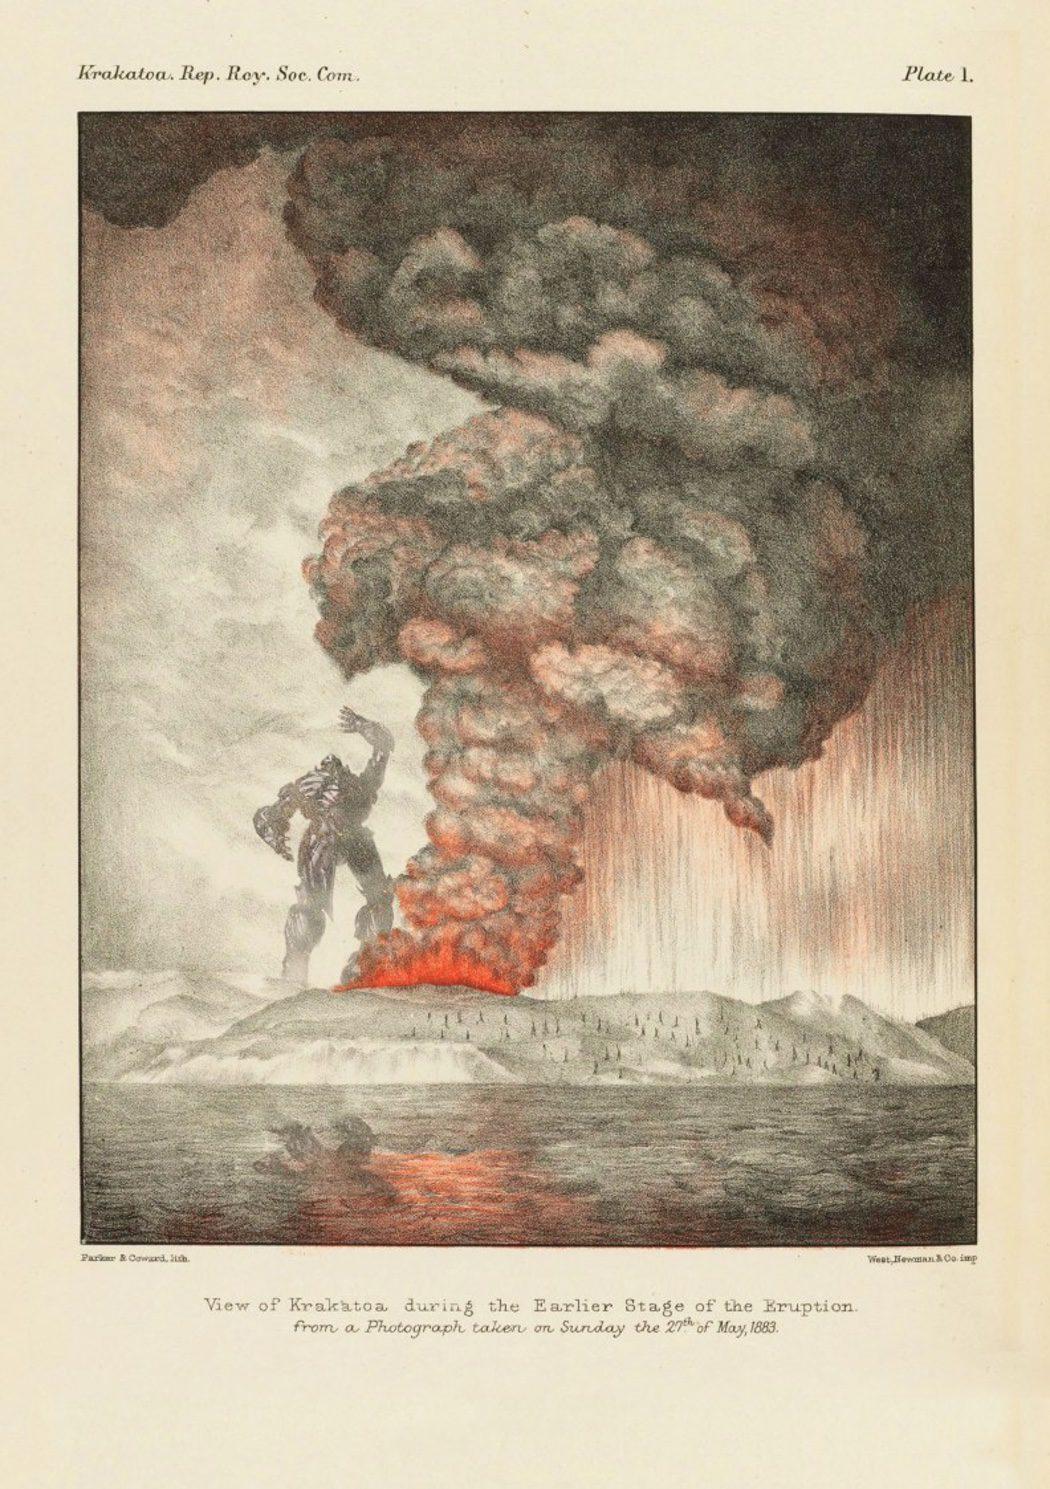 Grabado de un Transformer en el Volcán de Krakatoa, Indonesia